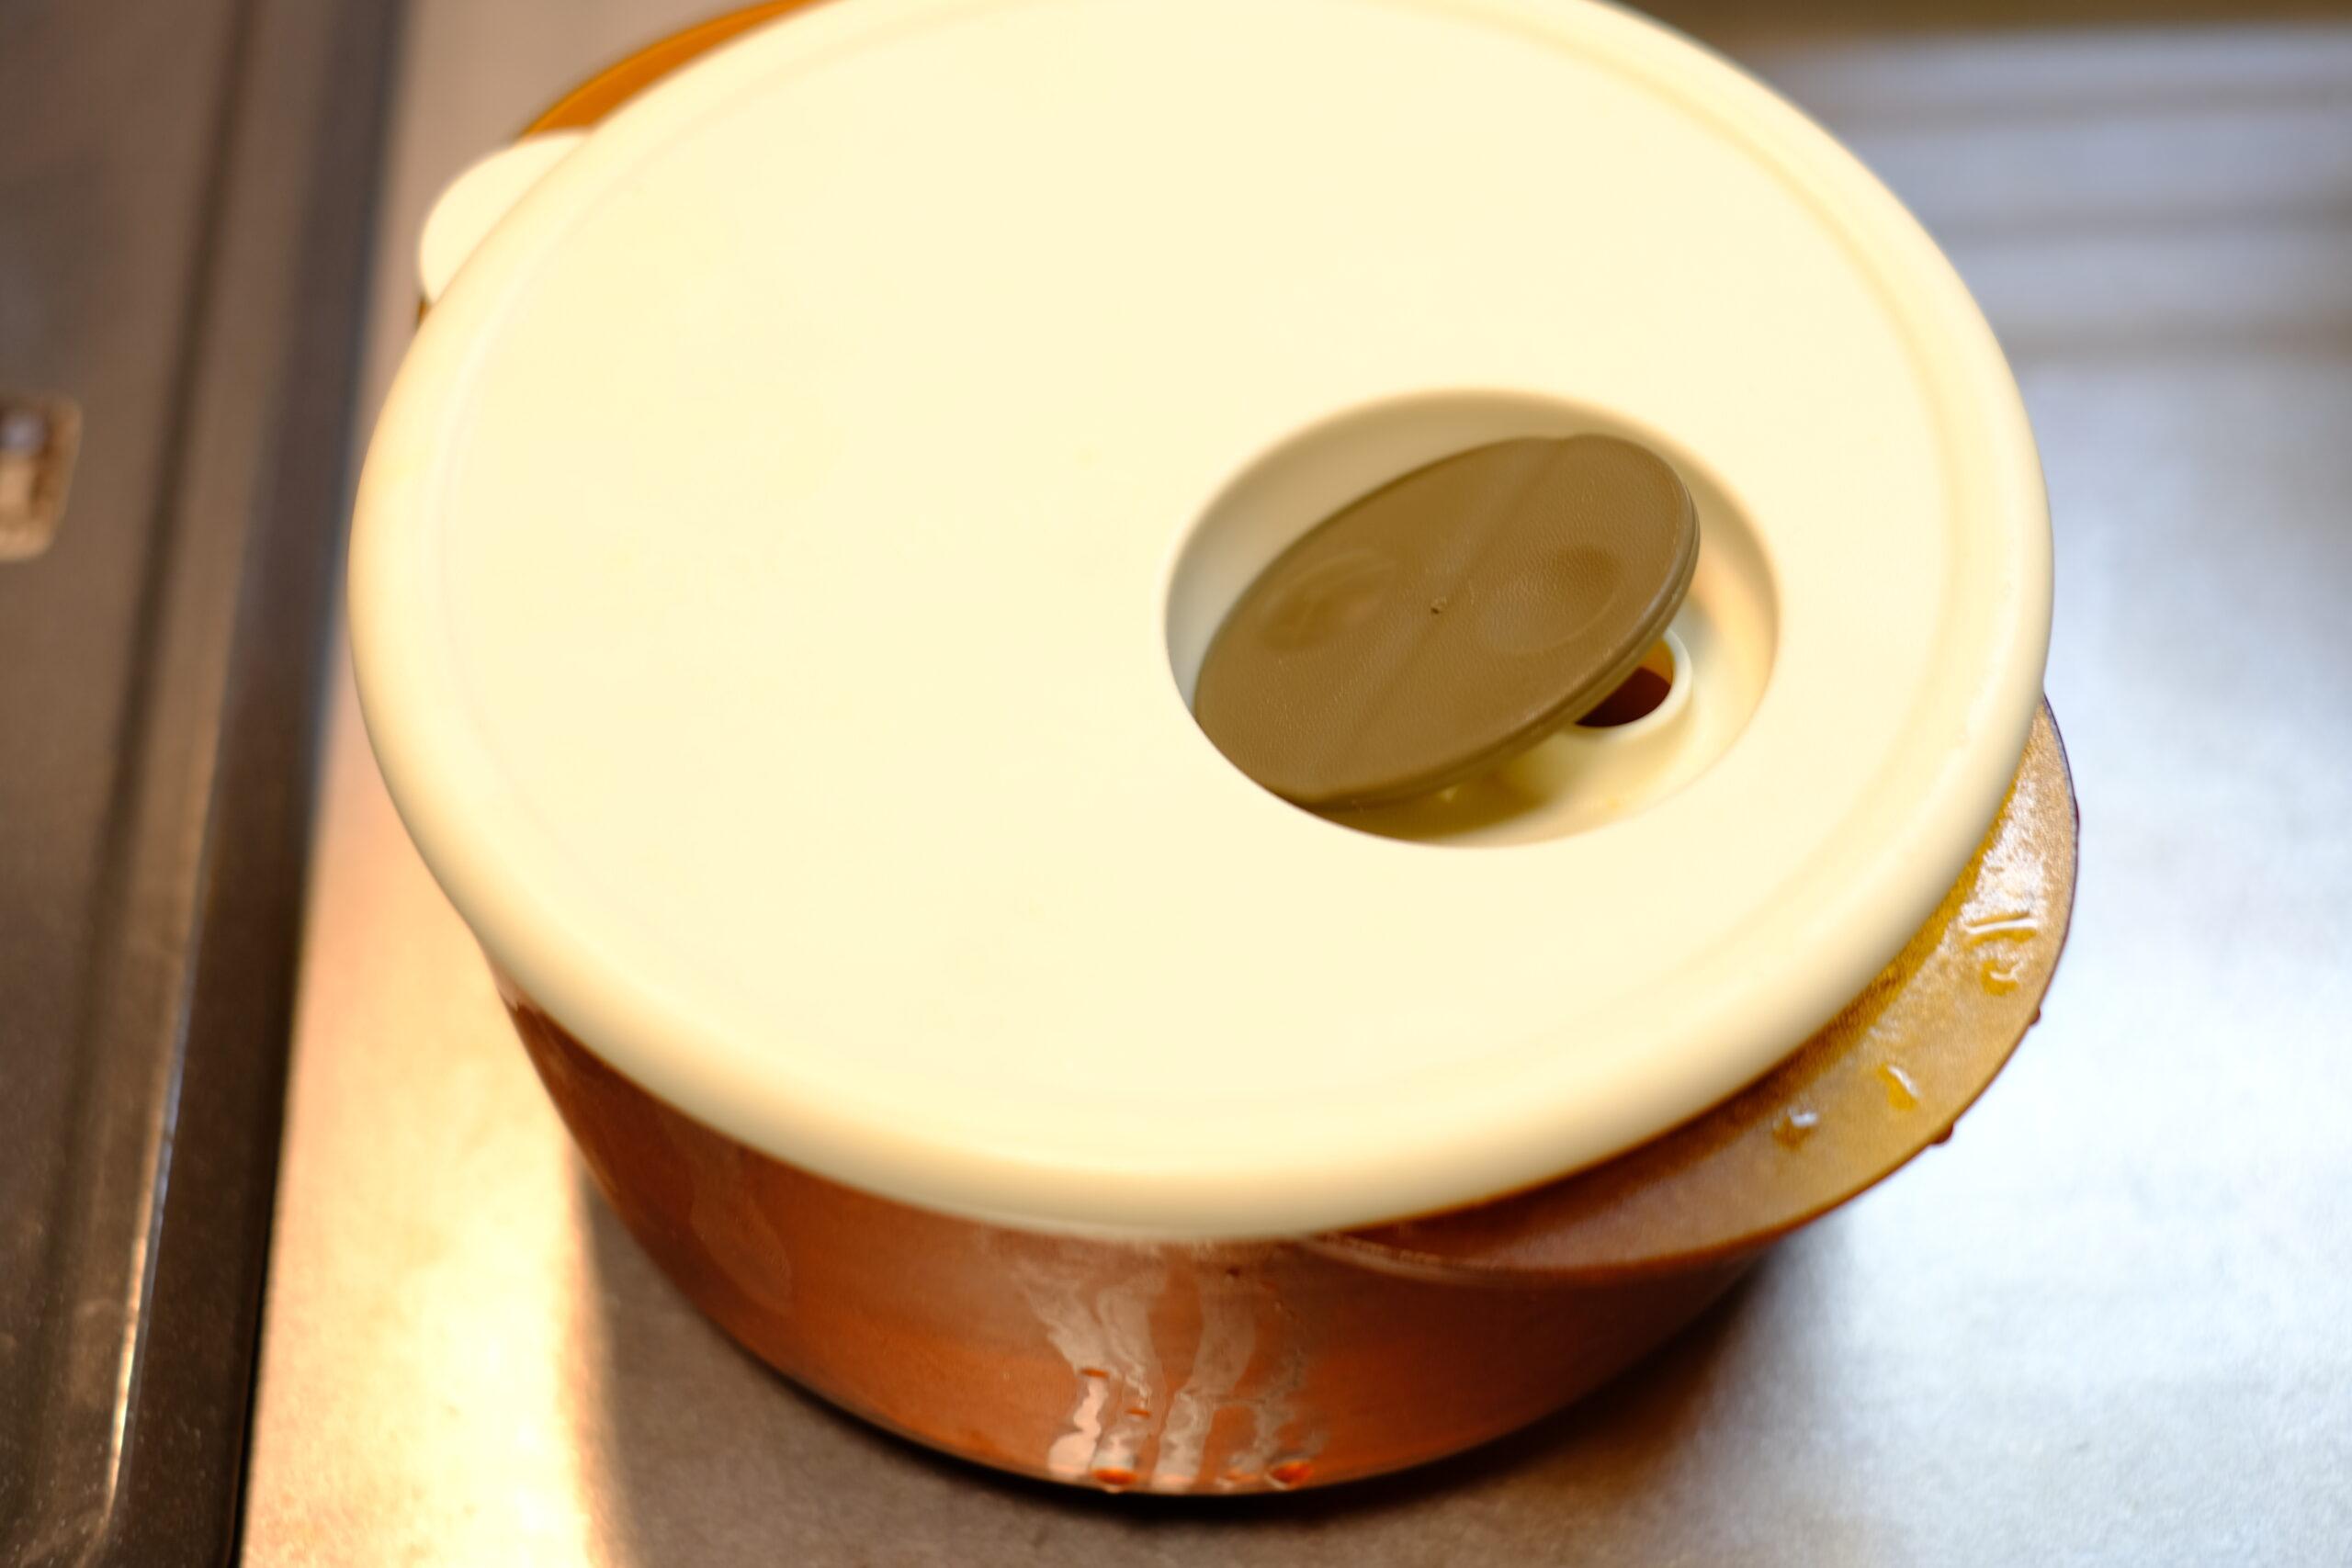 じゃがいものレンジ加熱容器の蓋をかぶせた状態の画像です